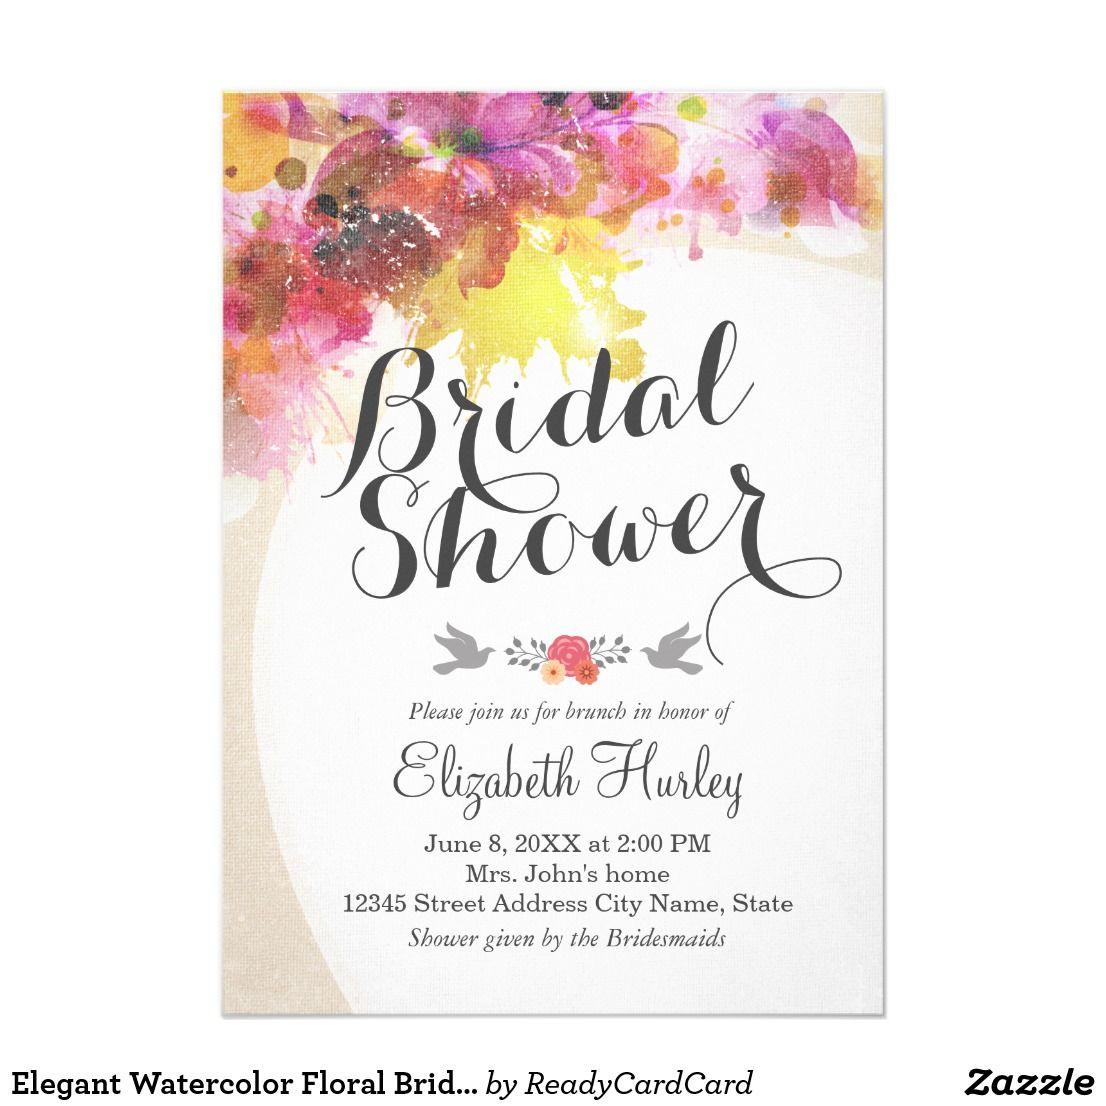 Elegant Watercolor Floral Bridal Shower Invitation Elegant Vintage ...